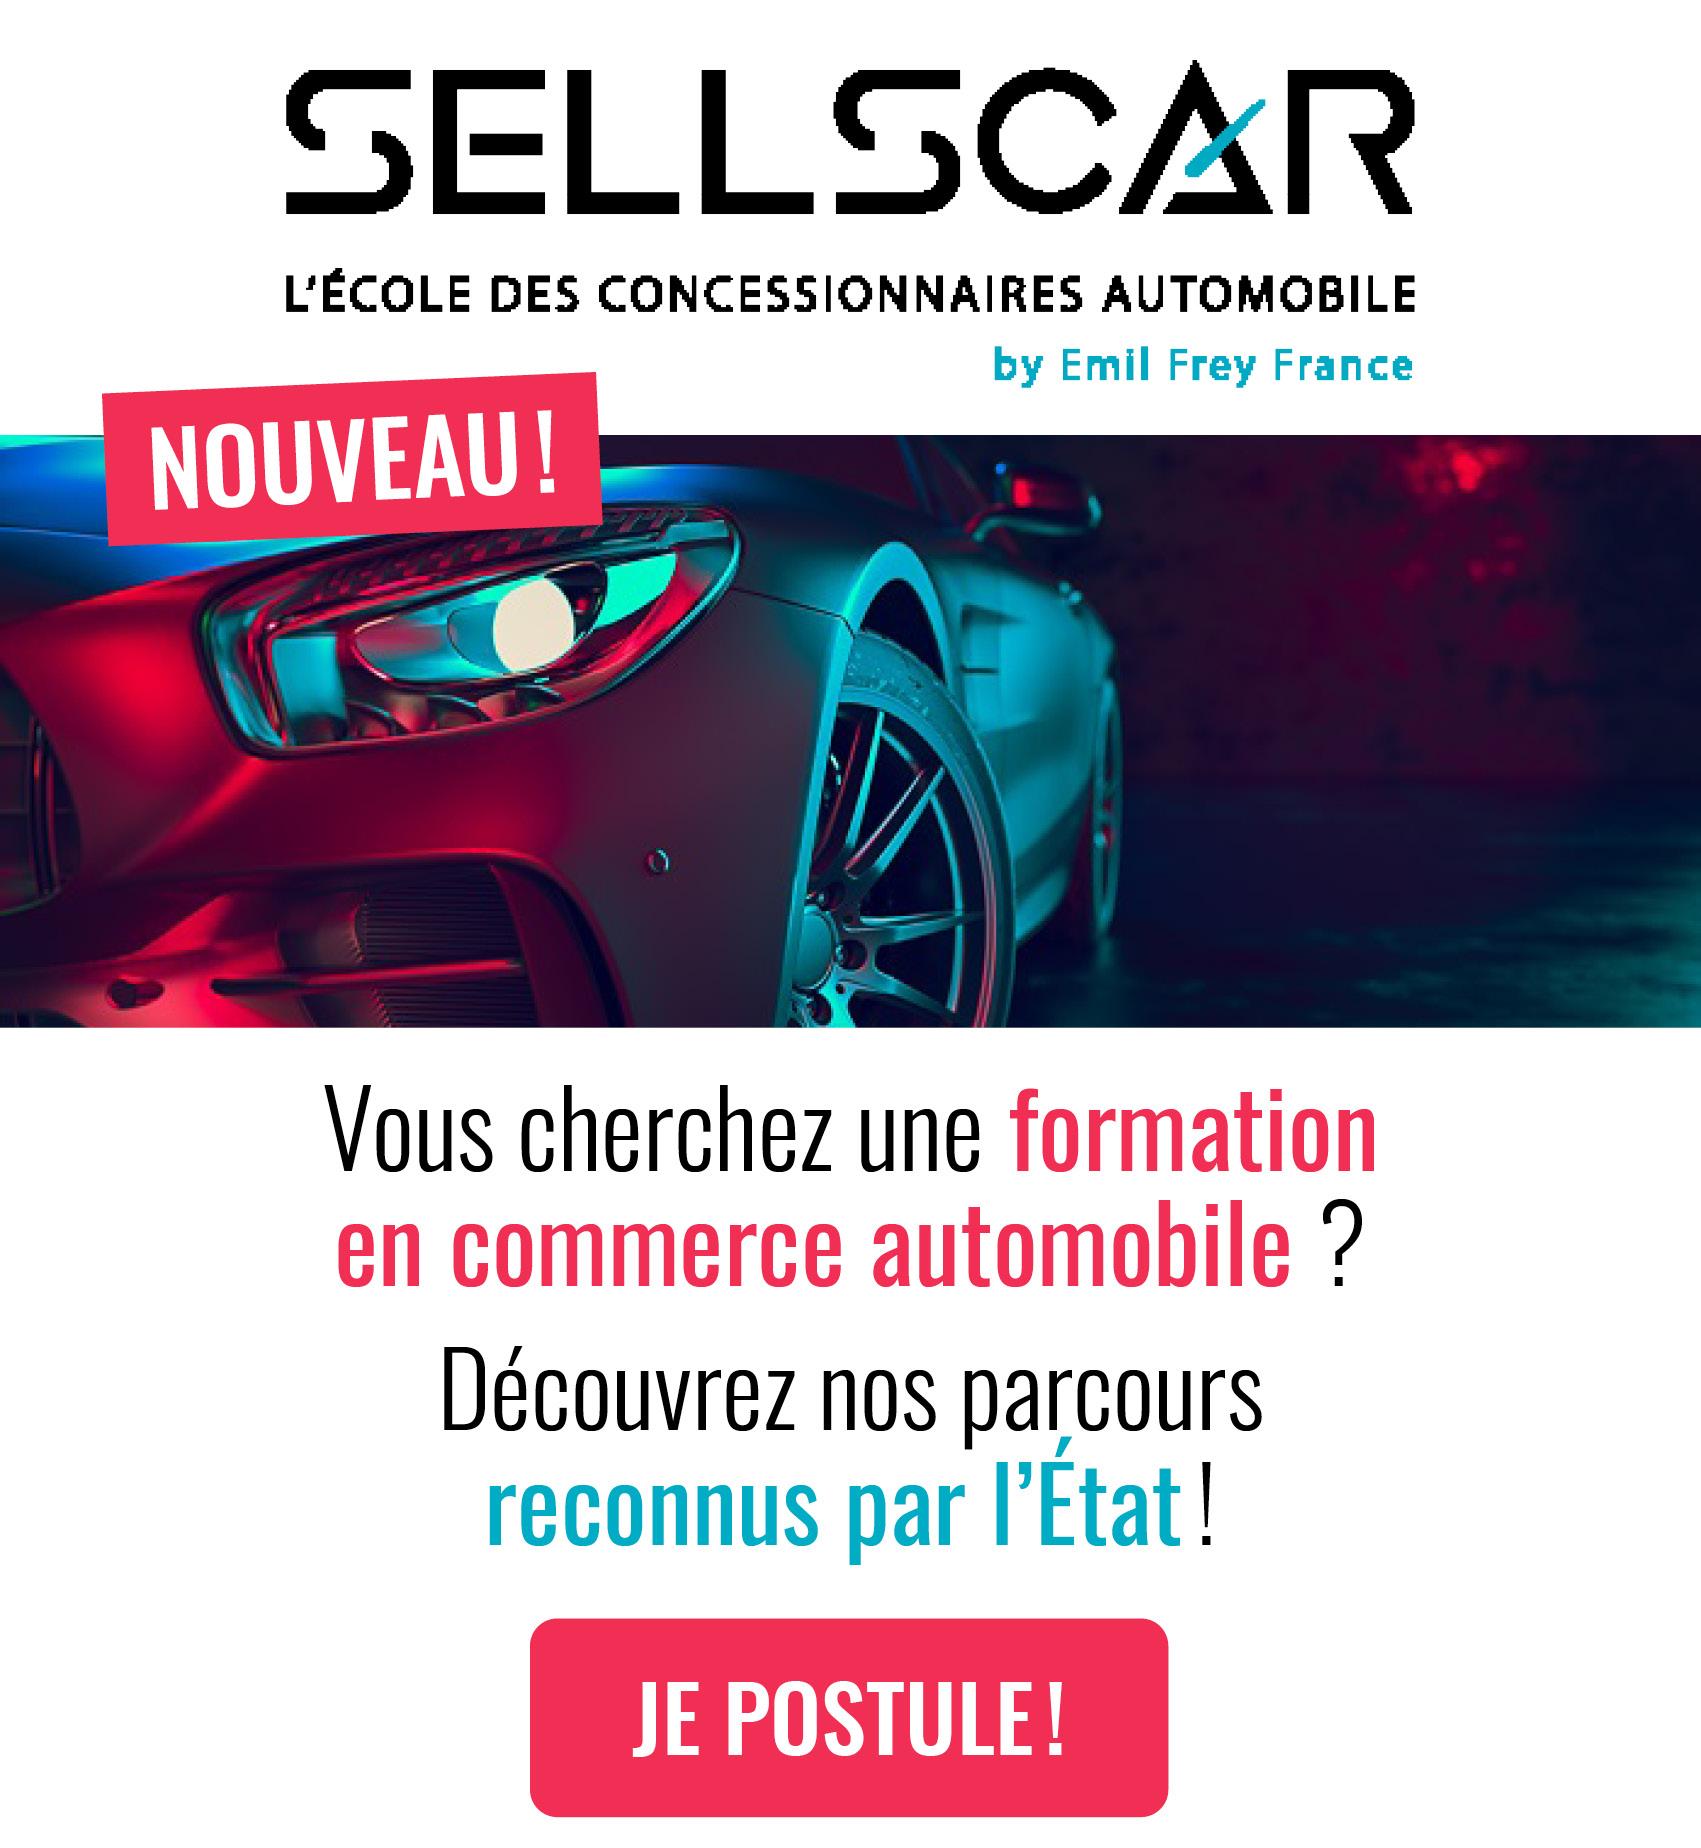 Sellscar